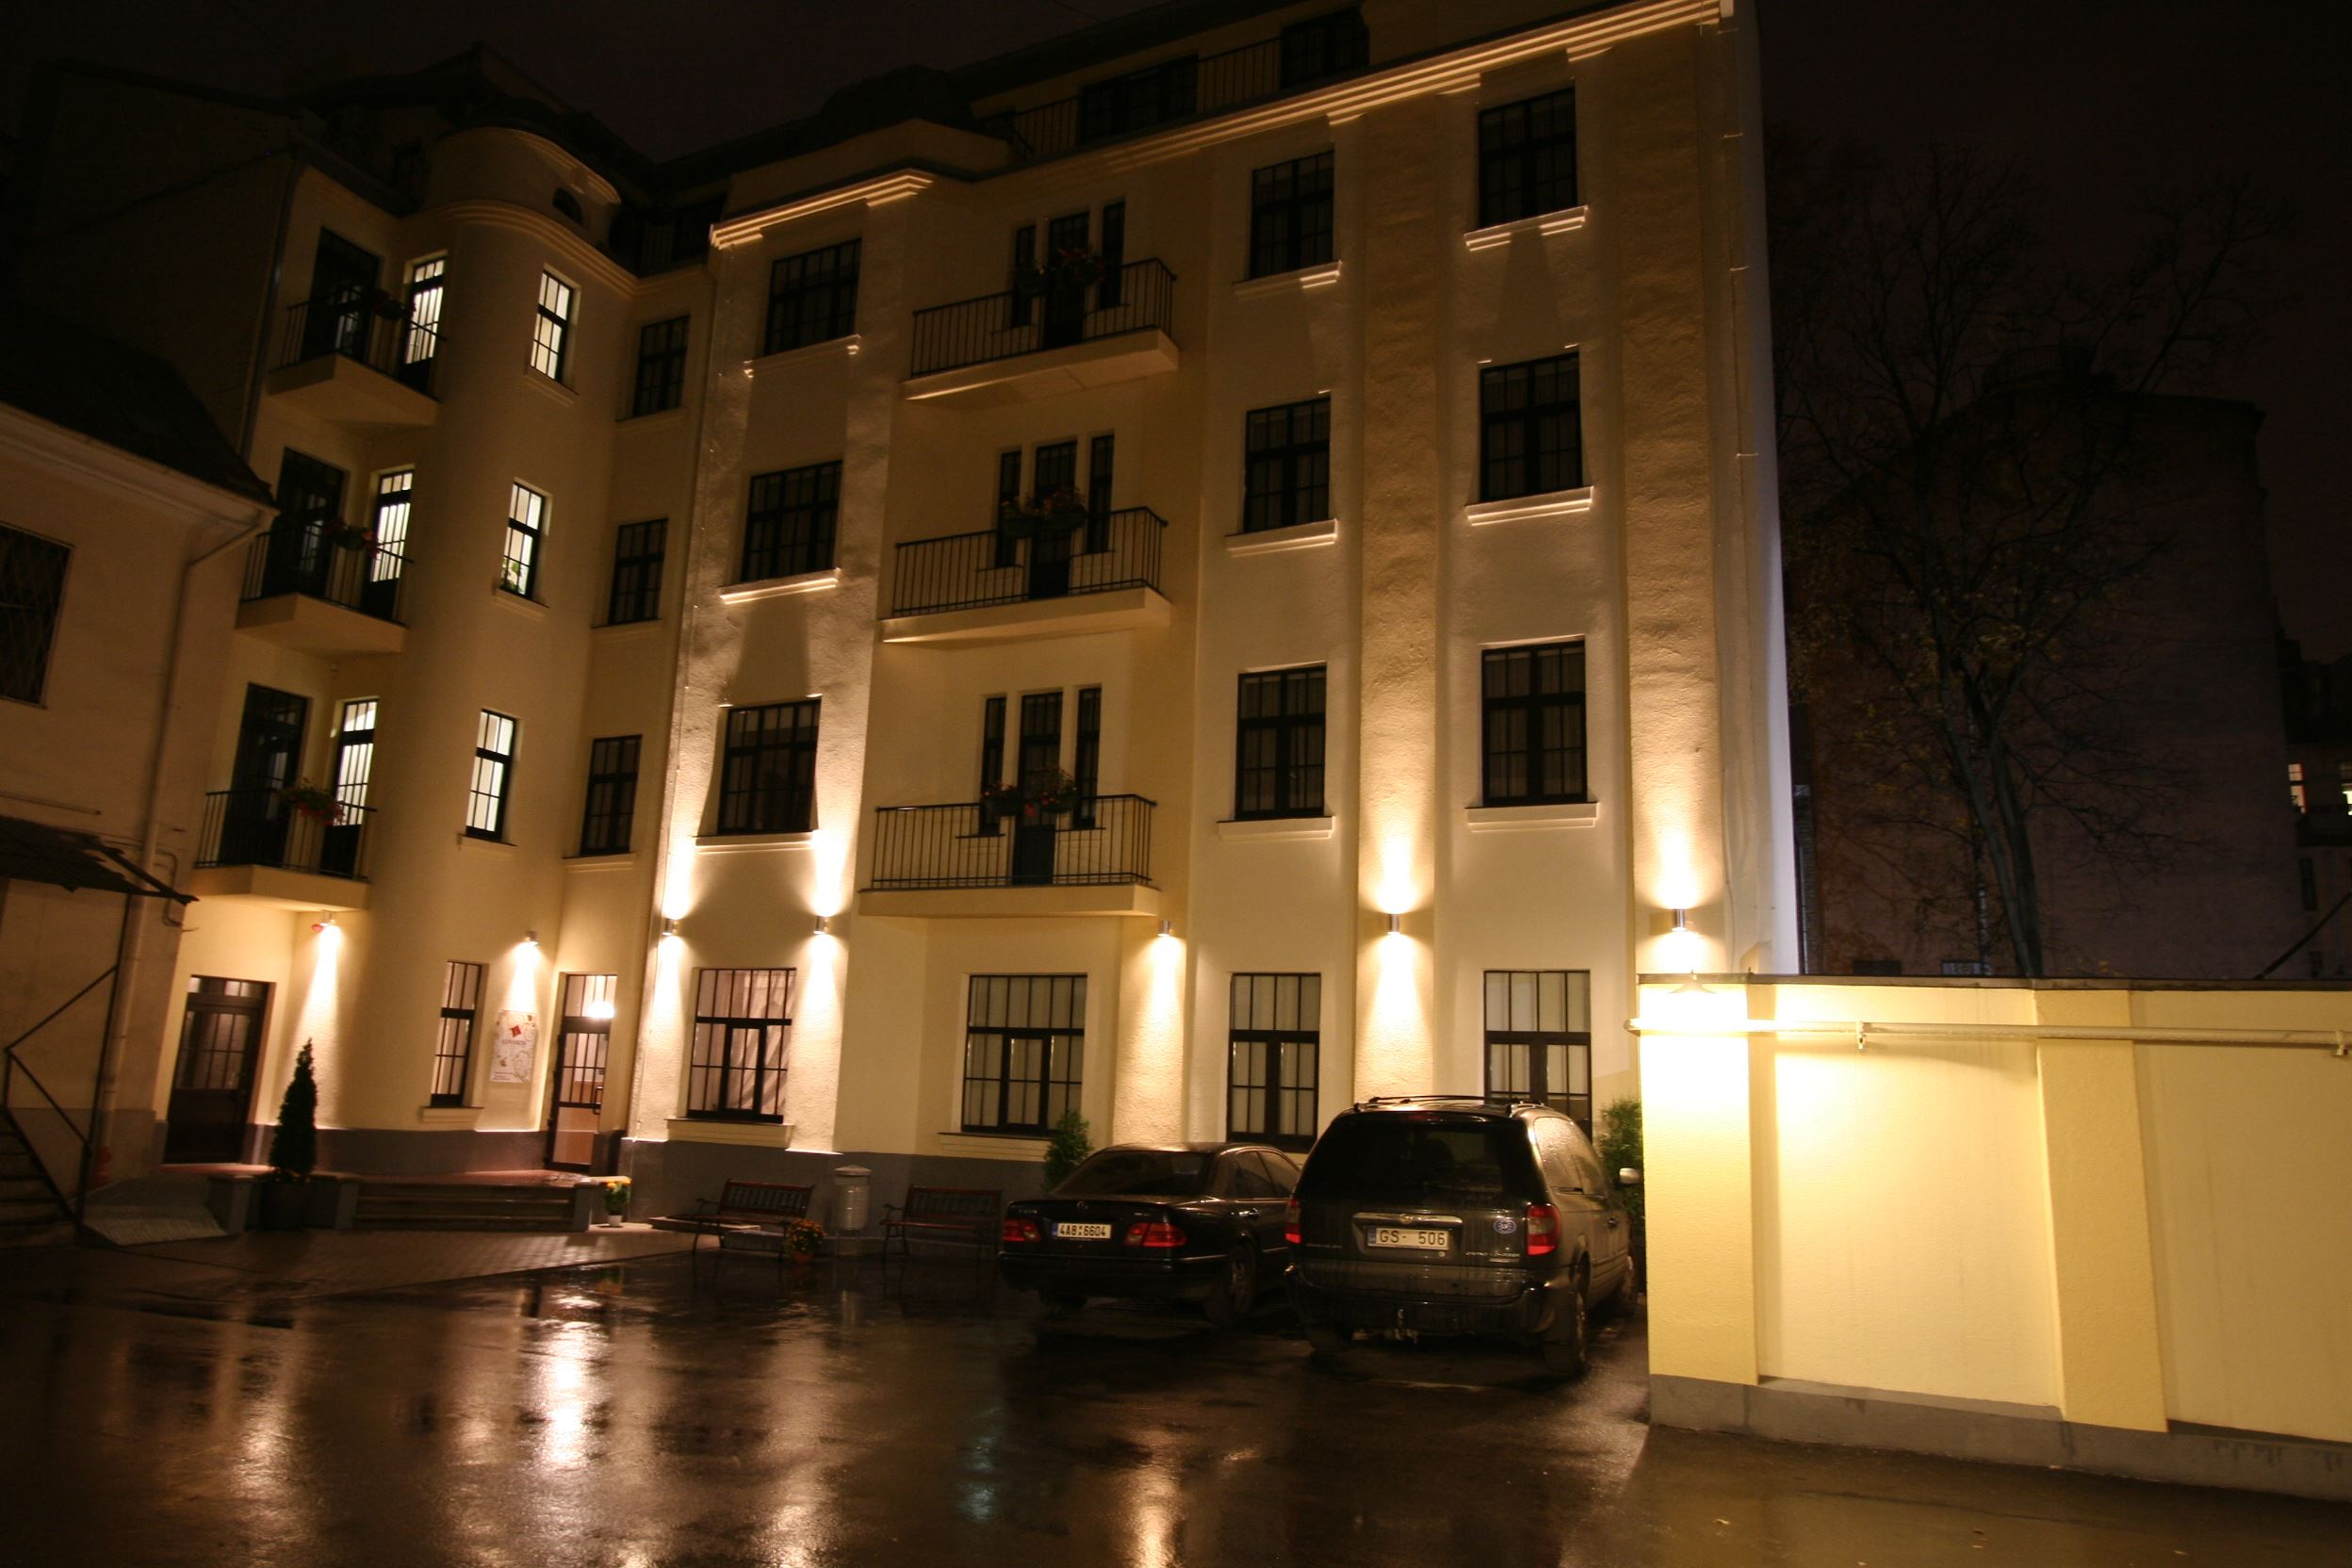 Edvards hotel